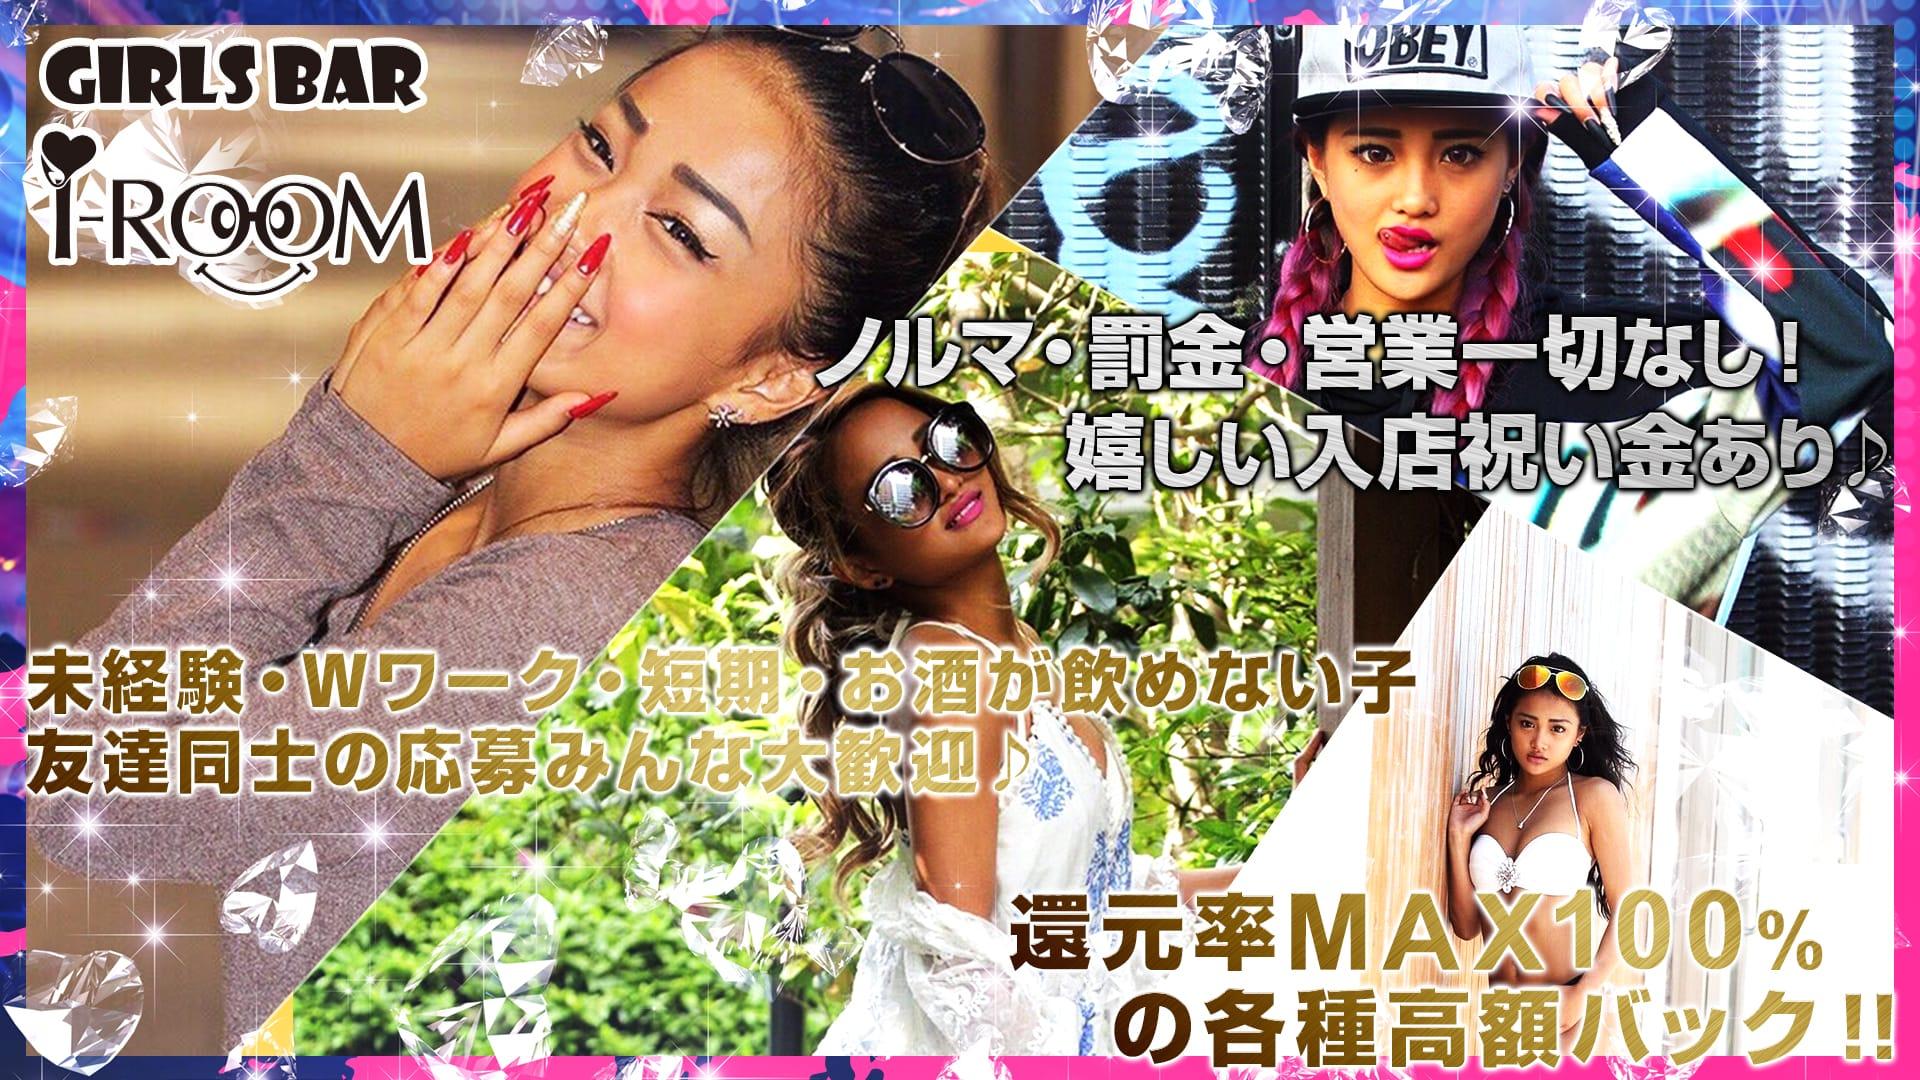 i-ROOM(アイルーム) 上野ガールズバー TOP画像